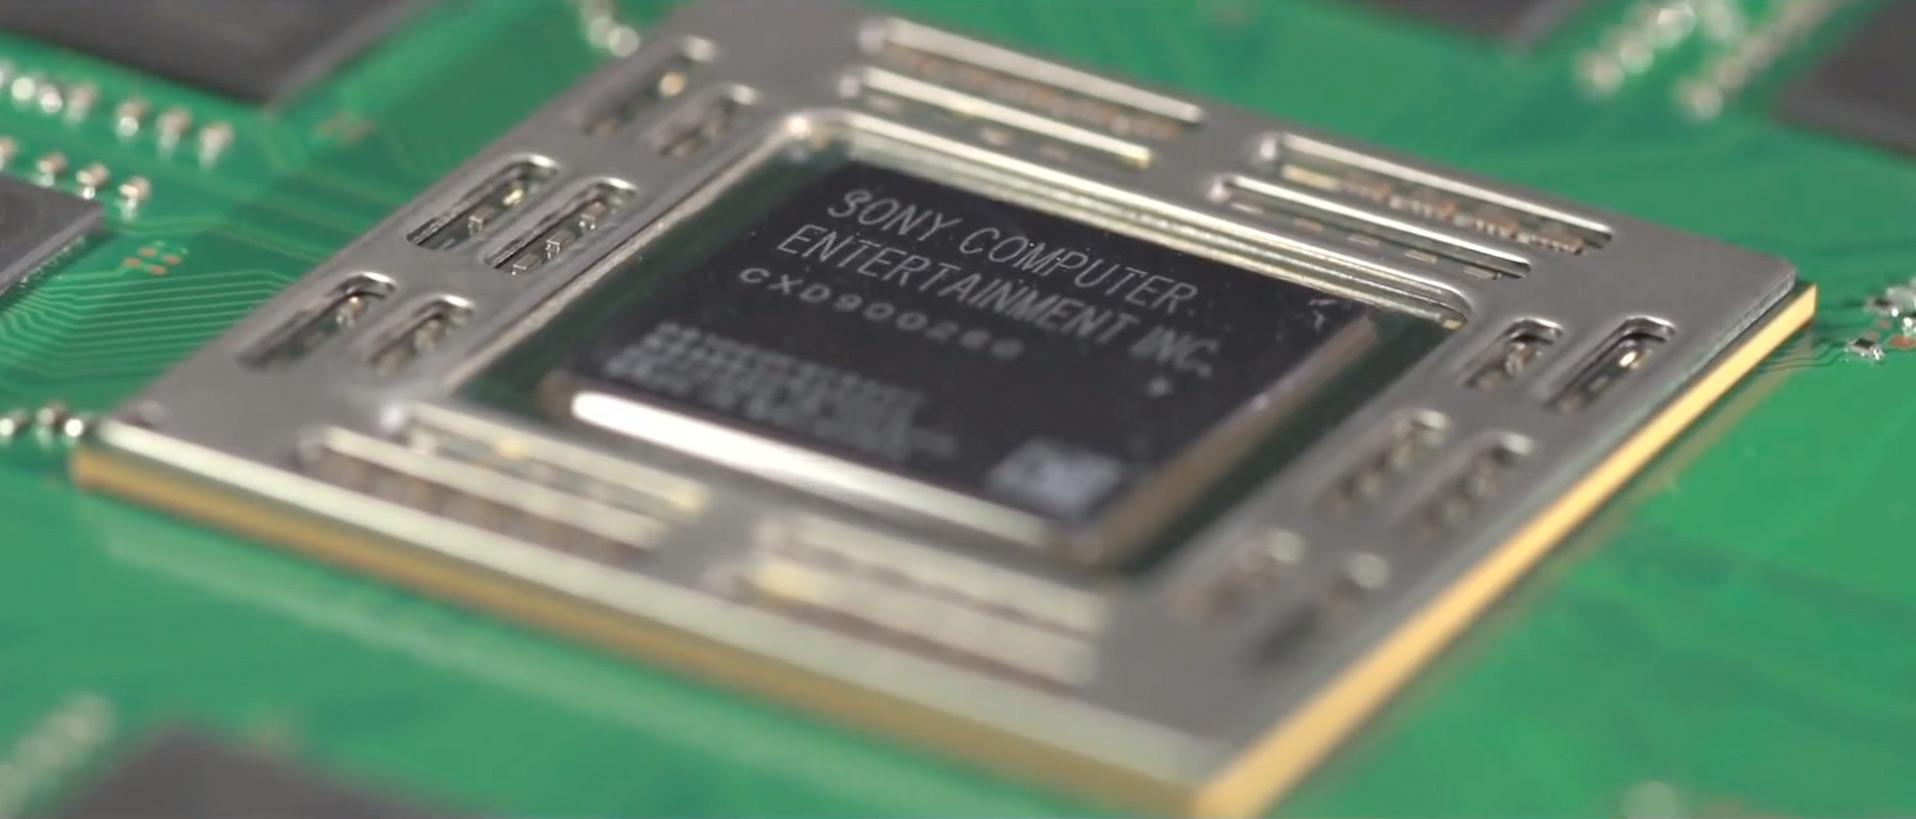 Prosessoren i Playstation 4 er klokket til 1,6 GHz.Foto: Wired